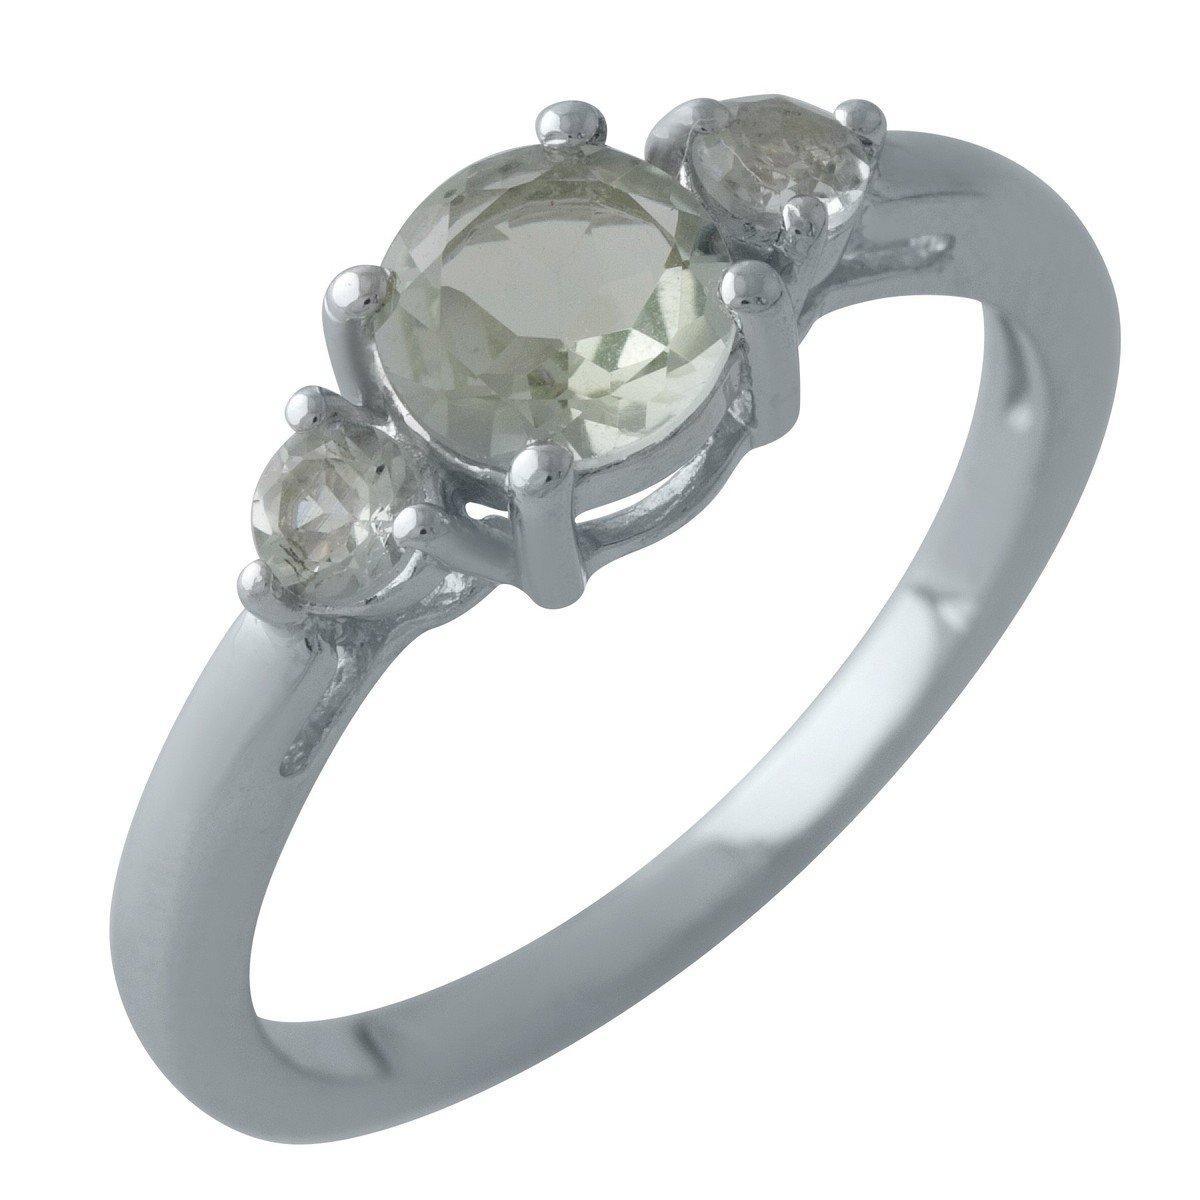 Серебряное кольцо DreamJewelry с натуральным зеленим аметистом (2004424) 18 размер